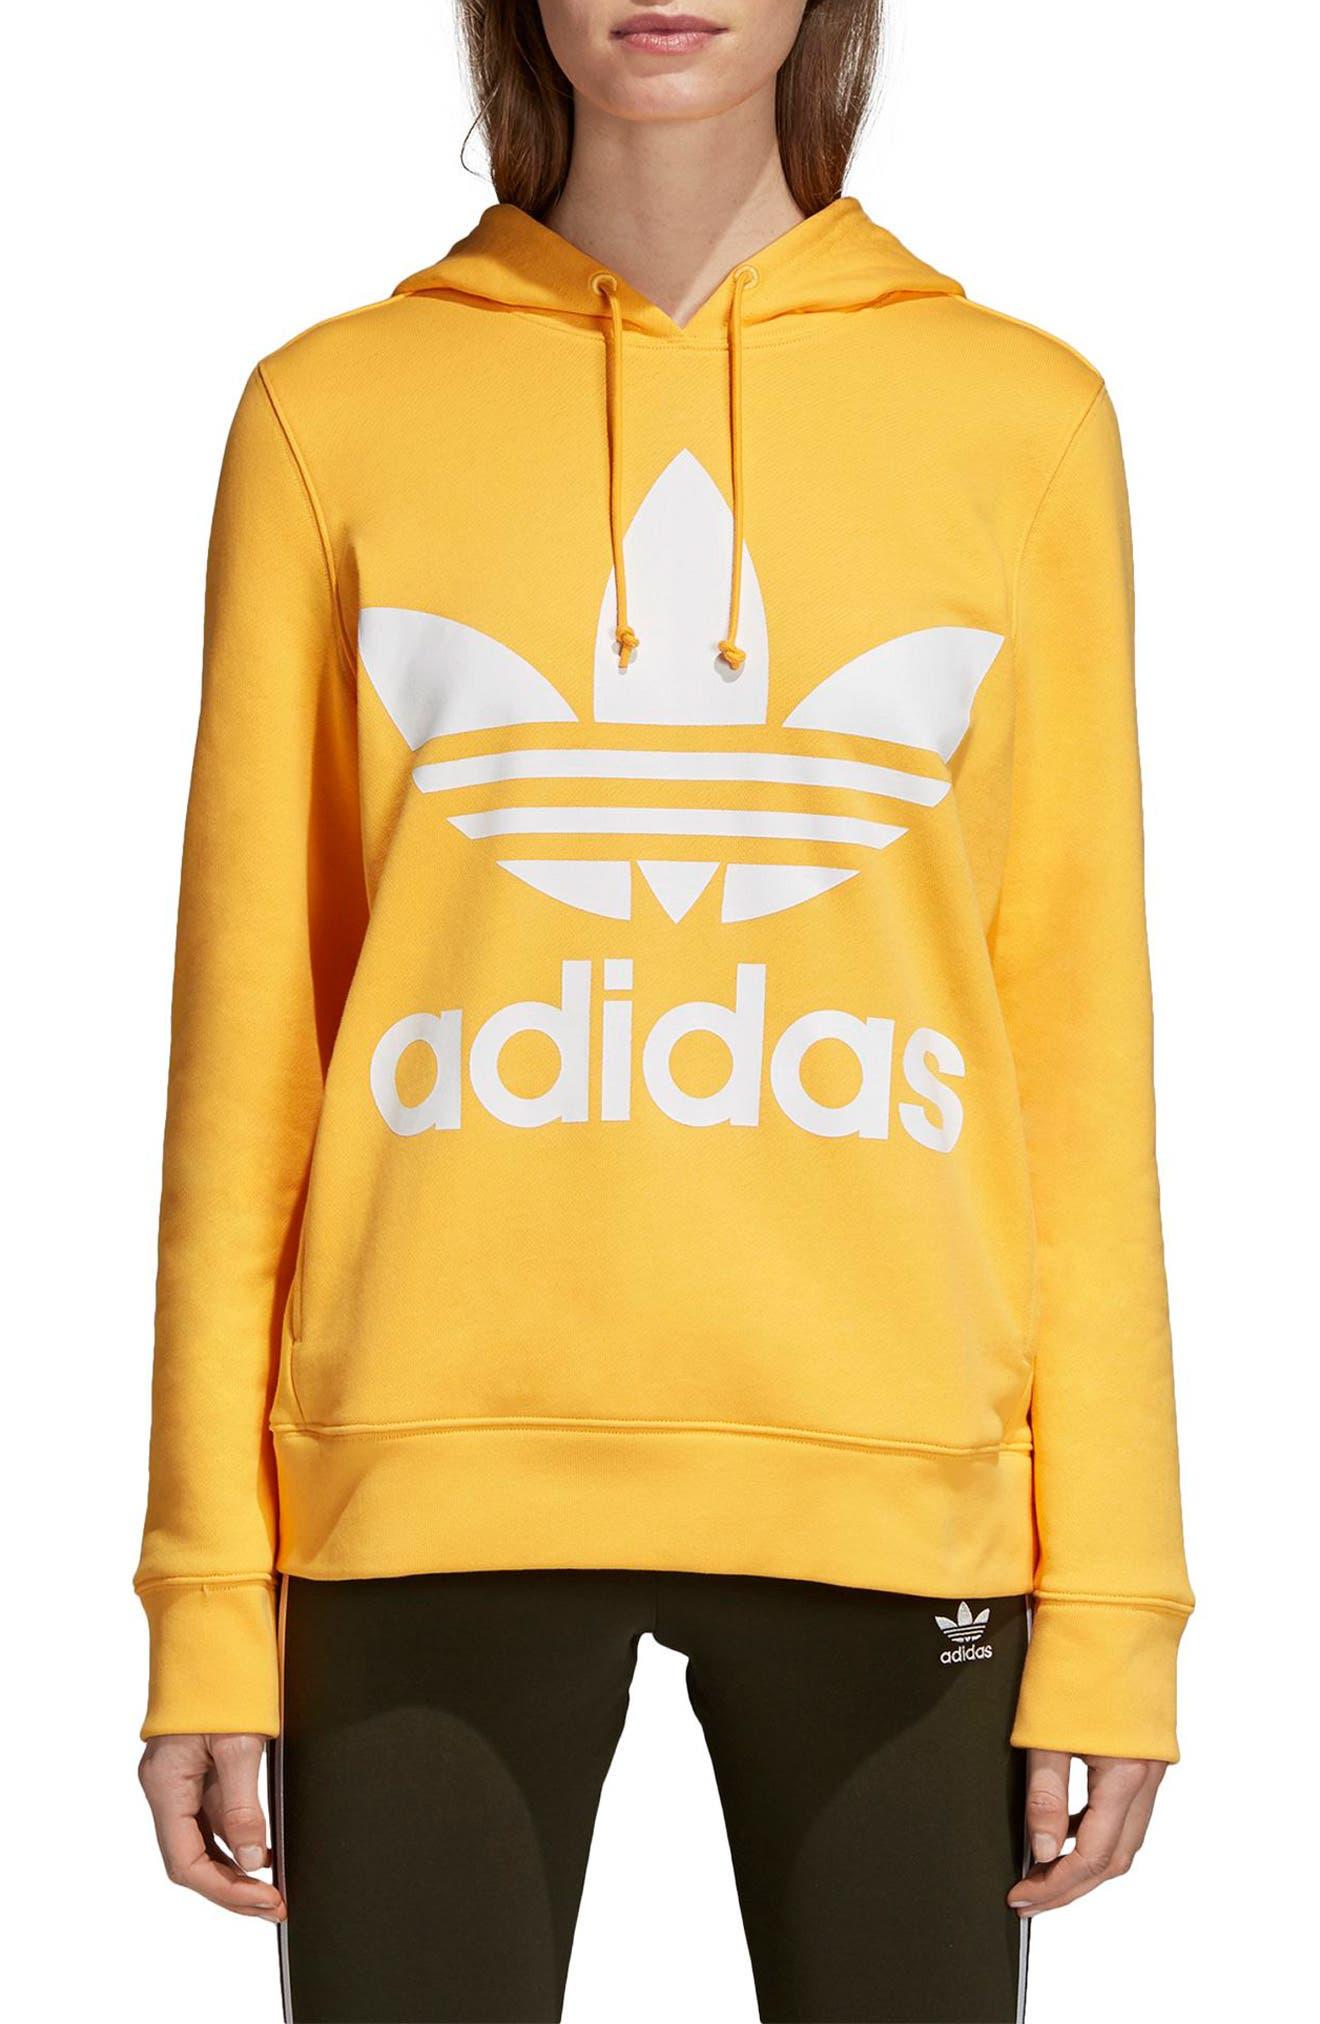 arancione le adidas, pantaloni, magliette, orologi & più nordstrom